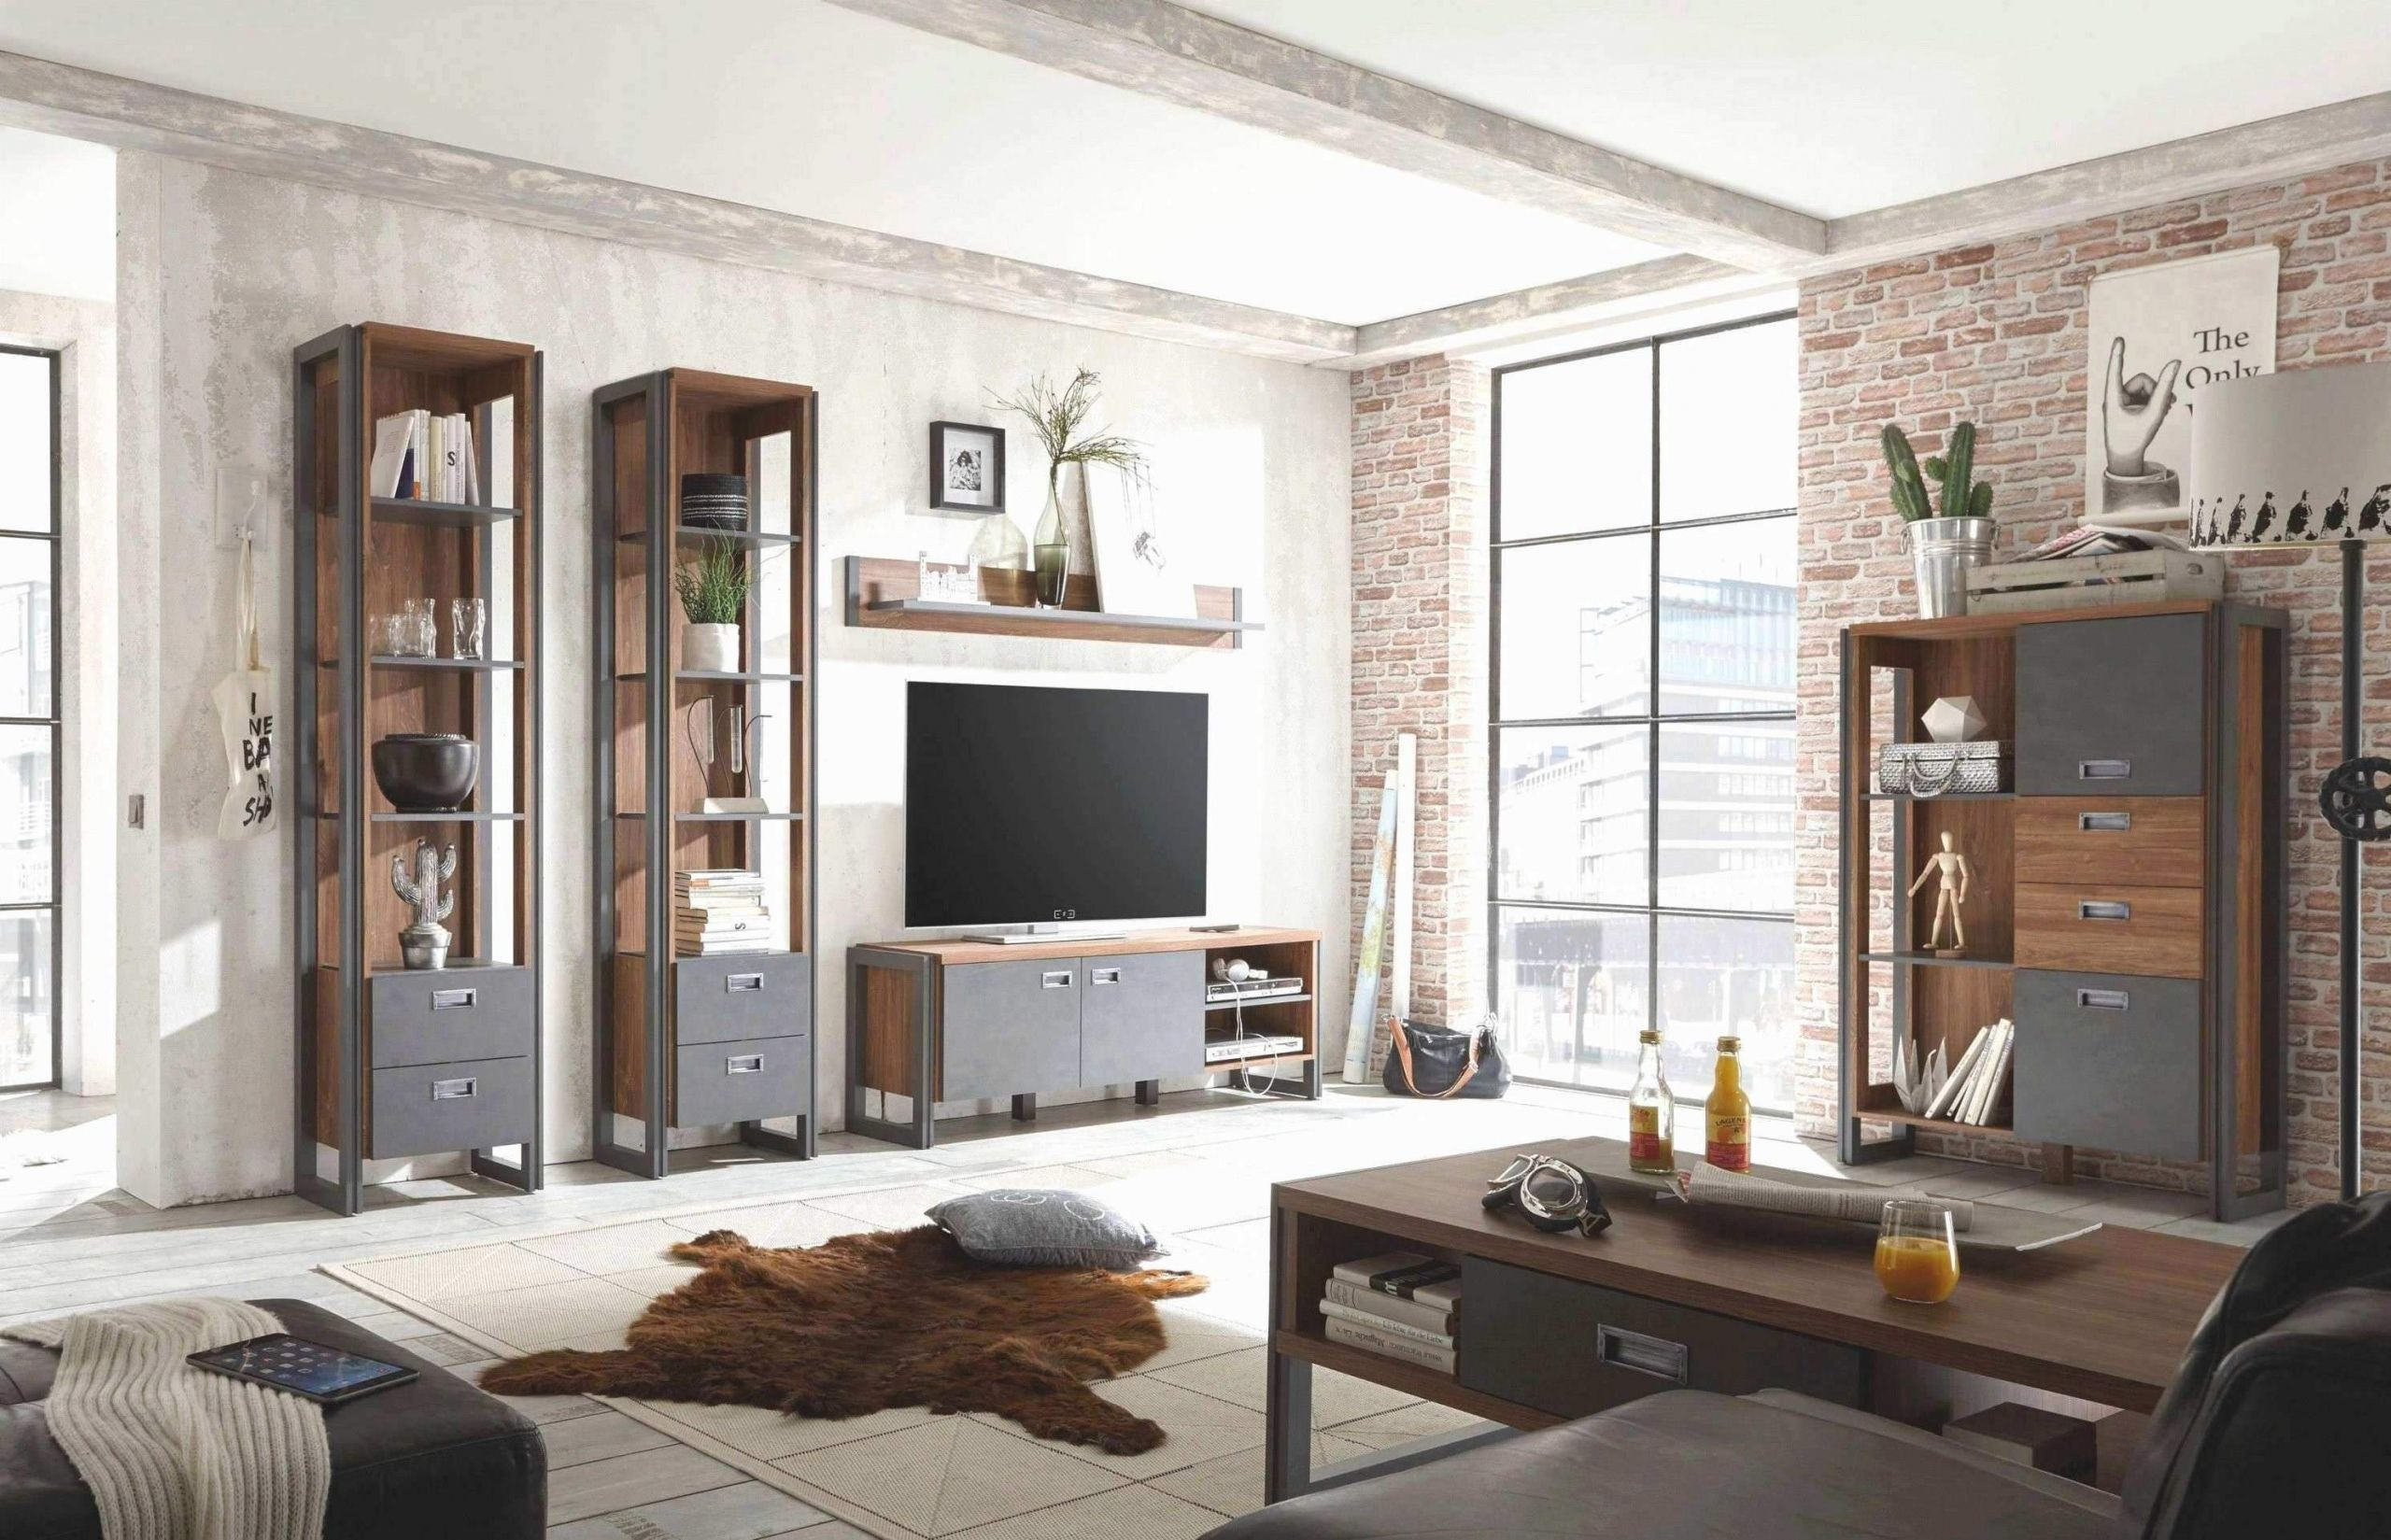 wohnzimmer modern gestalten einzigartig 50 tolle von ideen wohnzimmer gestalten design of wohnzimmer modern gestalten